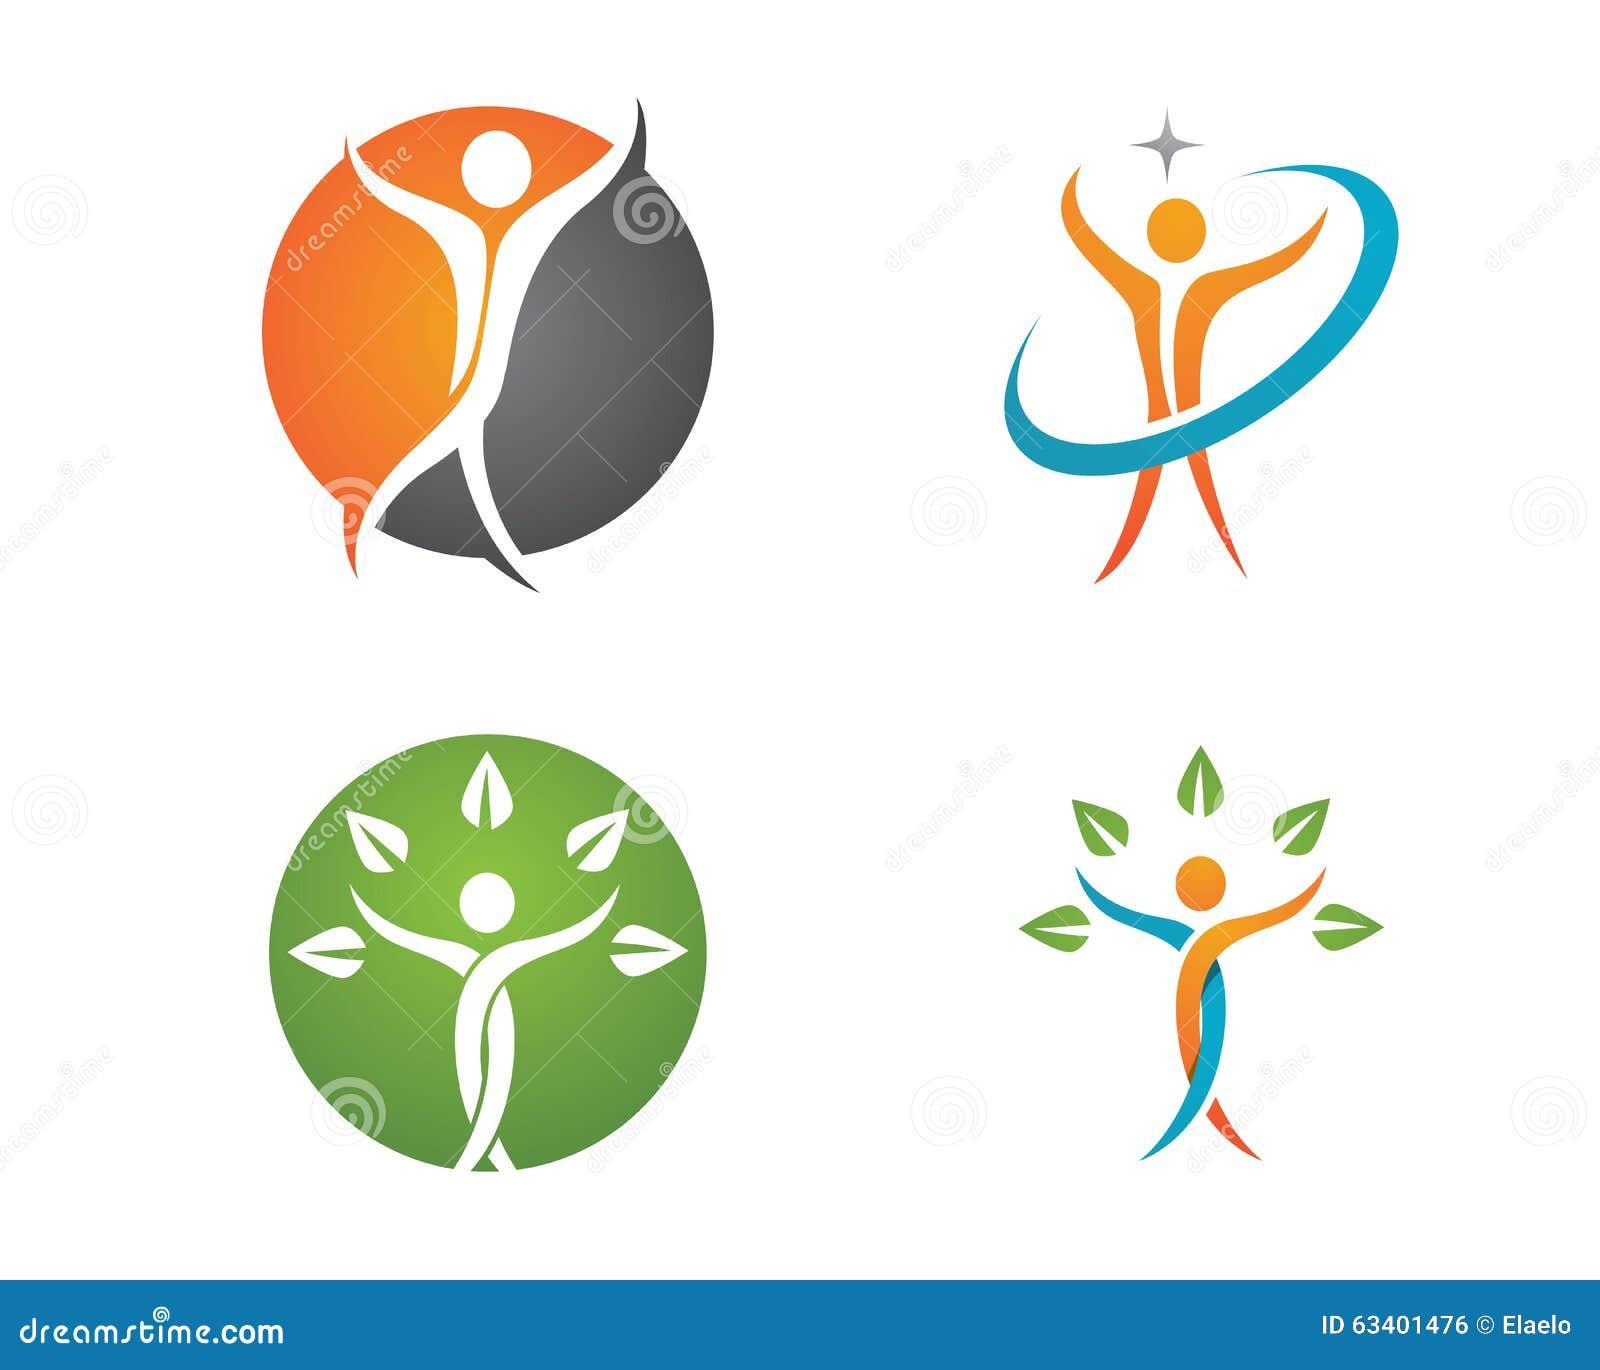 Vita di salute e logo di divertimento illustrazione - Pagine di ringraziamento e divertimento ...